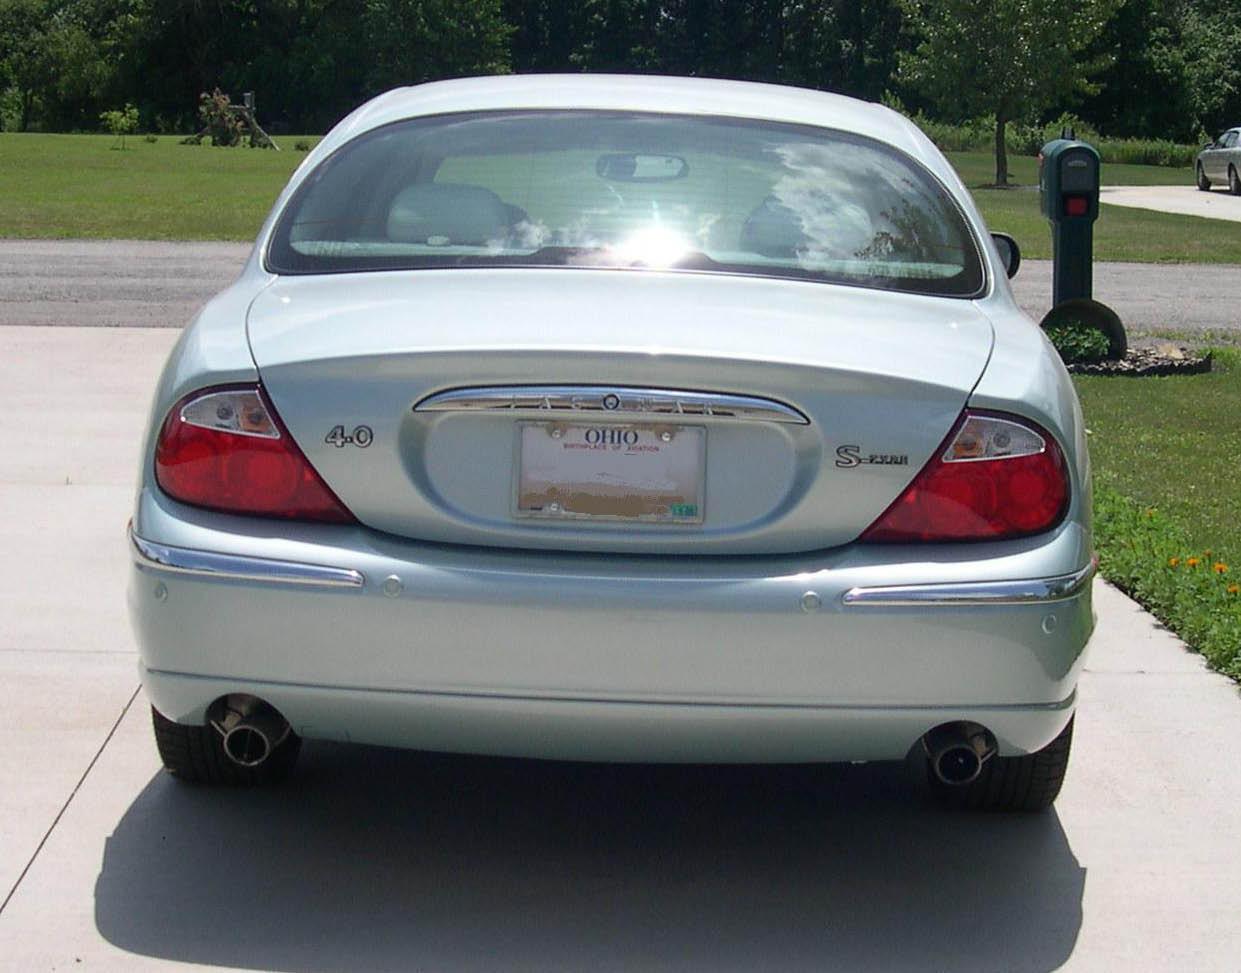 File:2001 Jaguar S-Type rear.JPG - Wikimedia Commons